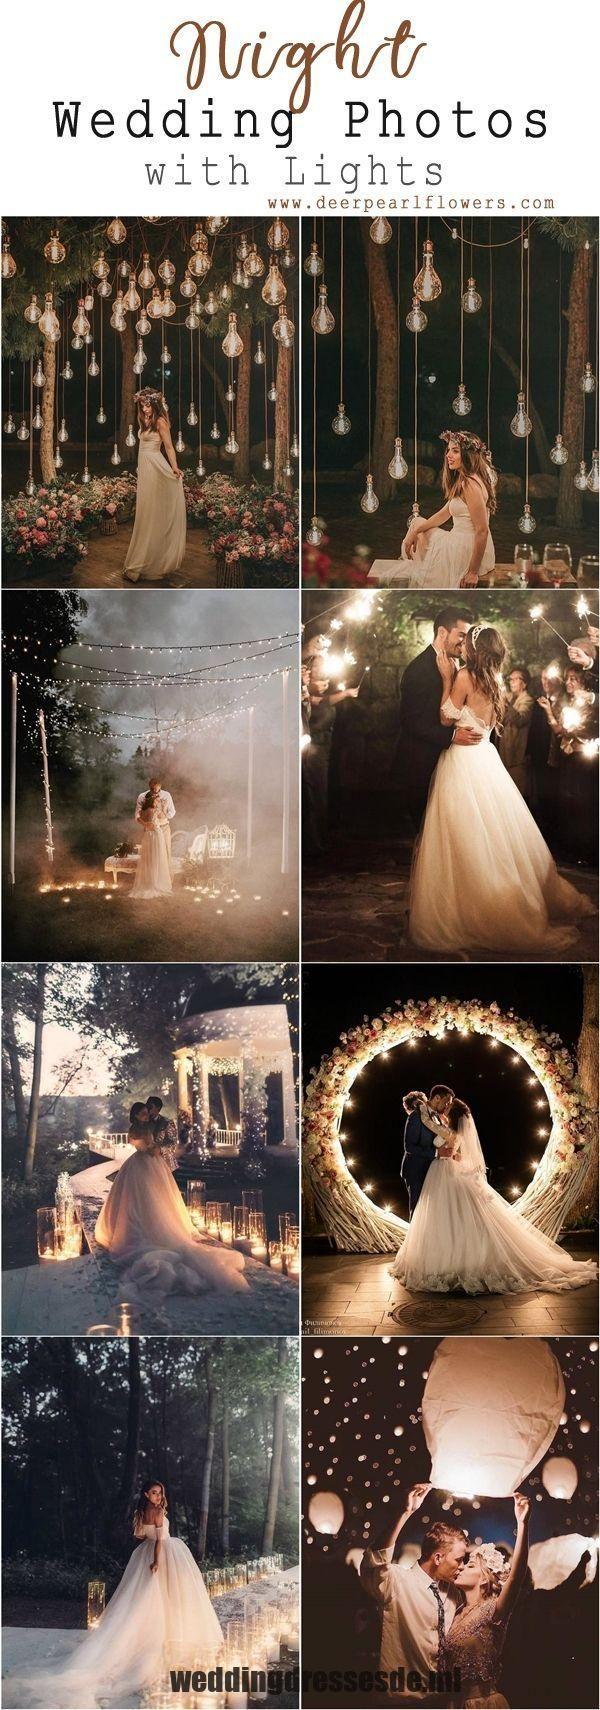 """Romantische rustikale Land Licht Hochzeit Foto #Hochzeiten #Hochzeitsideen #Hochzeitsfoto … ,  #hochzeit #hochzeiten #hochzeitsfoto #hochzeitsideen #licht #romantische #rustikale #Wedding, Hochzeit 2019 """"schön"""" oder """"gut"""". – #Foto #Gut #Hochzeit #Hochzeiten #Hochzeitsfoto #Hochzeitsideen #Land #Licht #oder #Romantische #rustikale #schön #Wedding"""